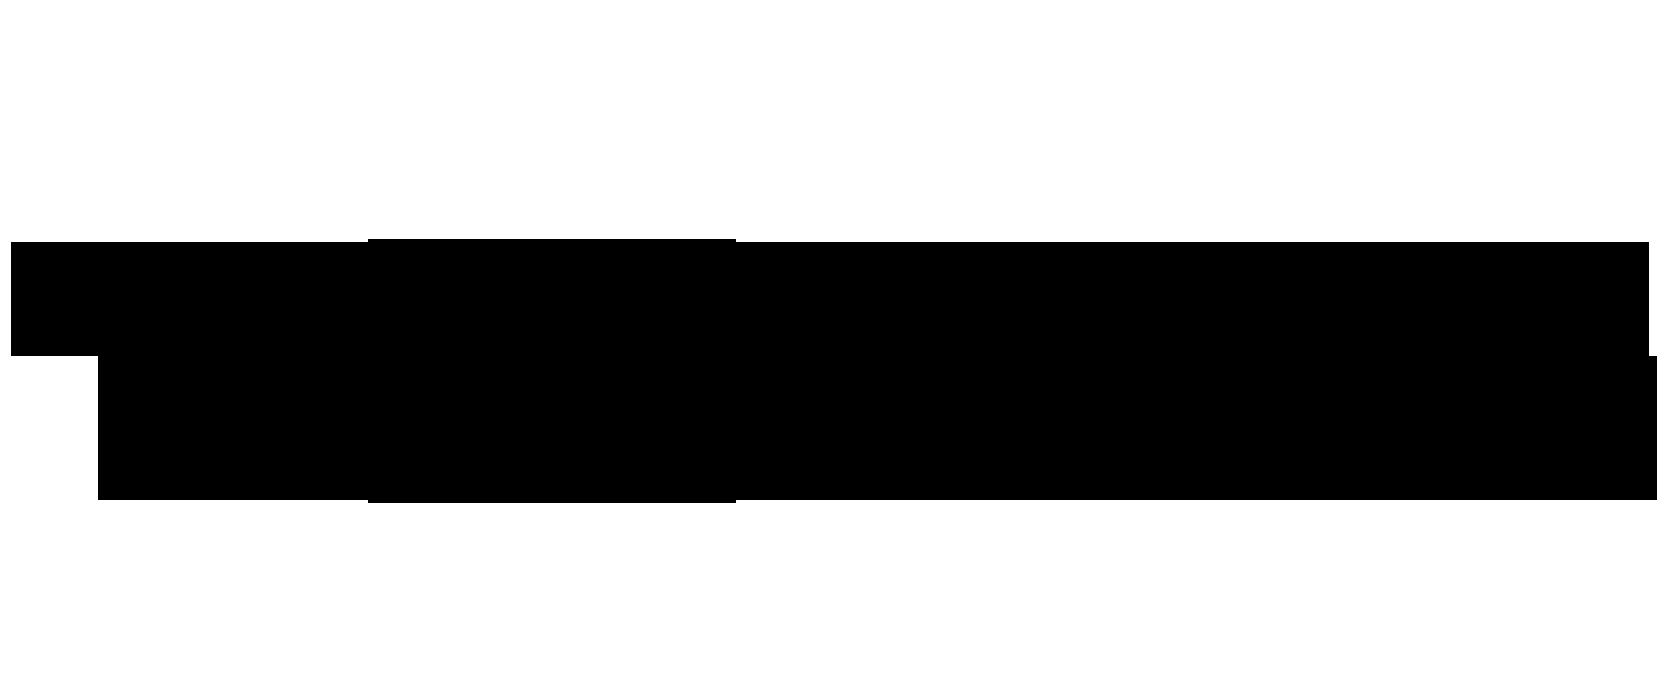 Logo de la gamme TOTALE